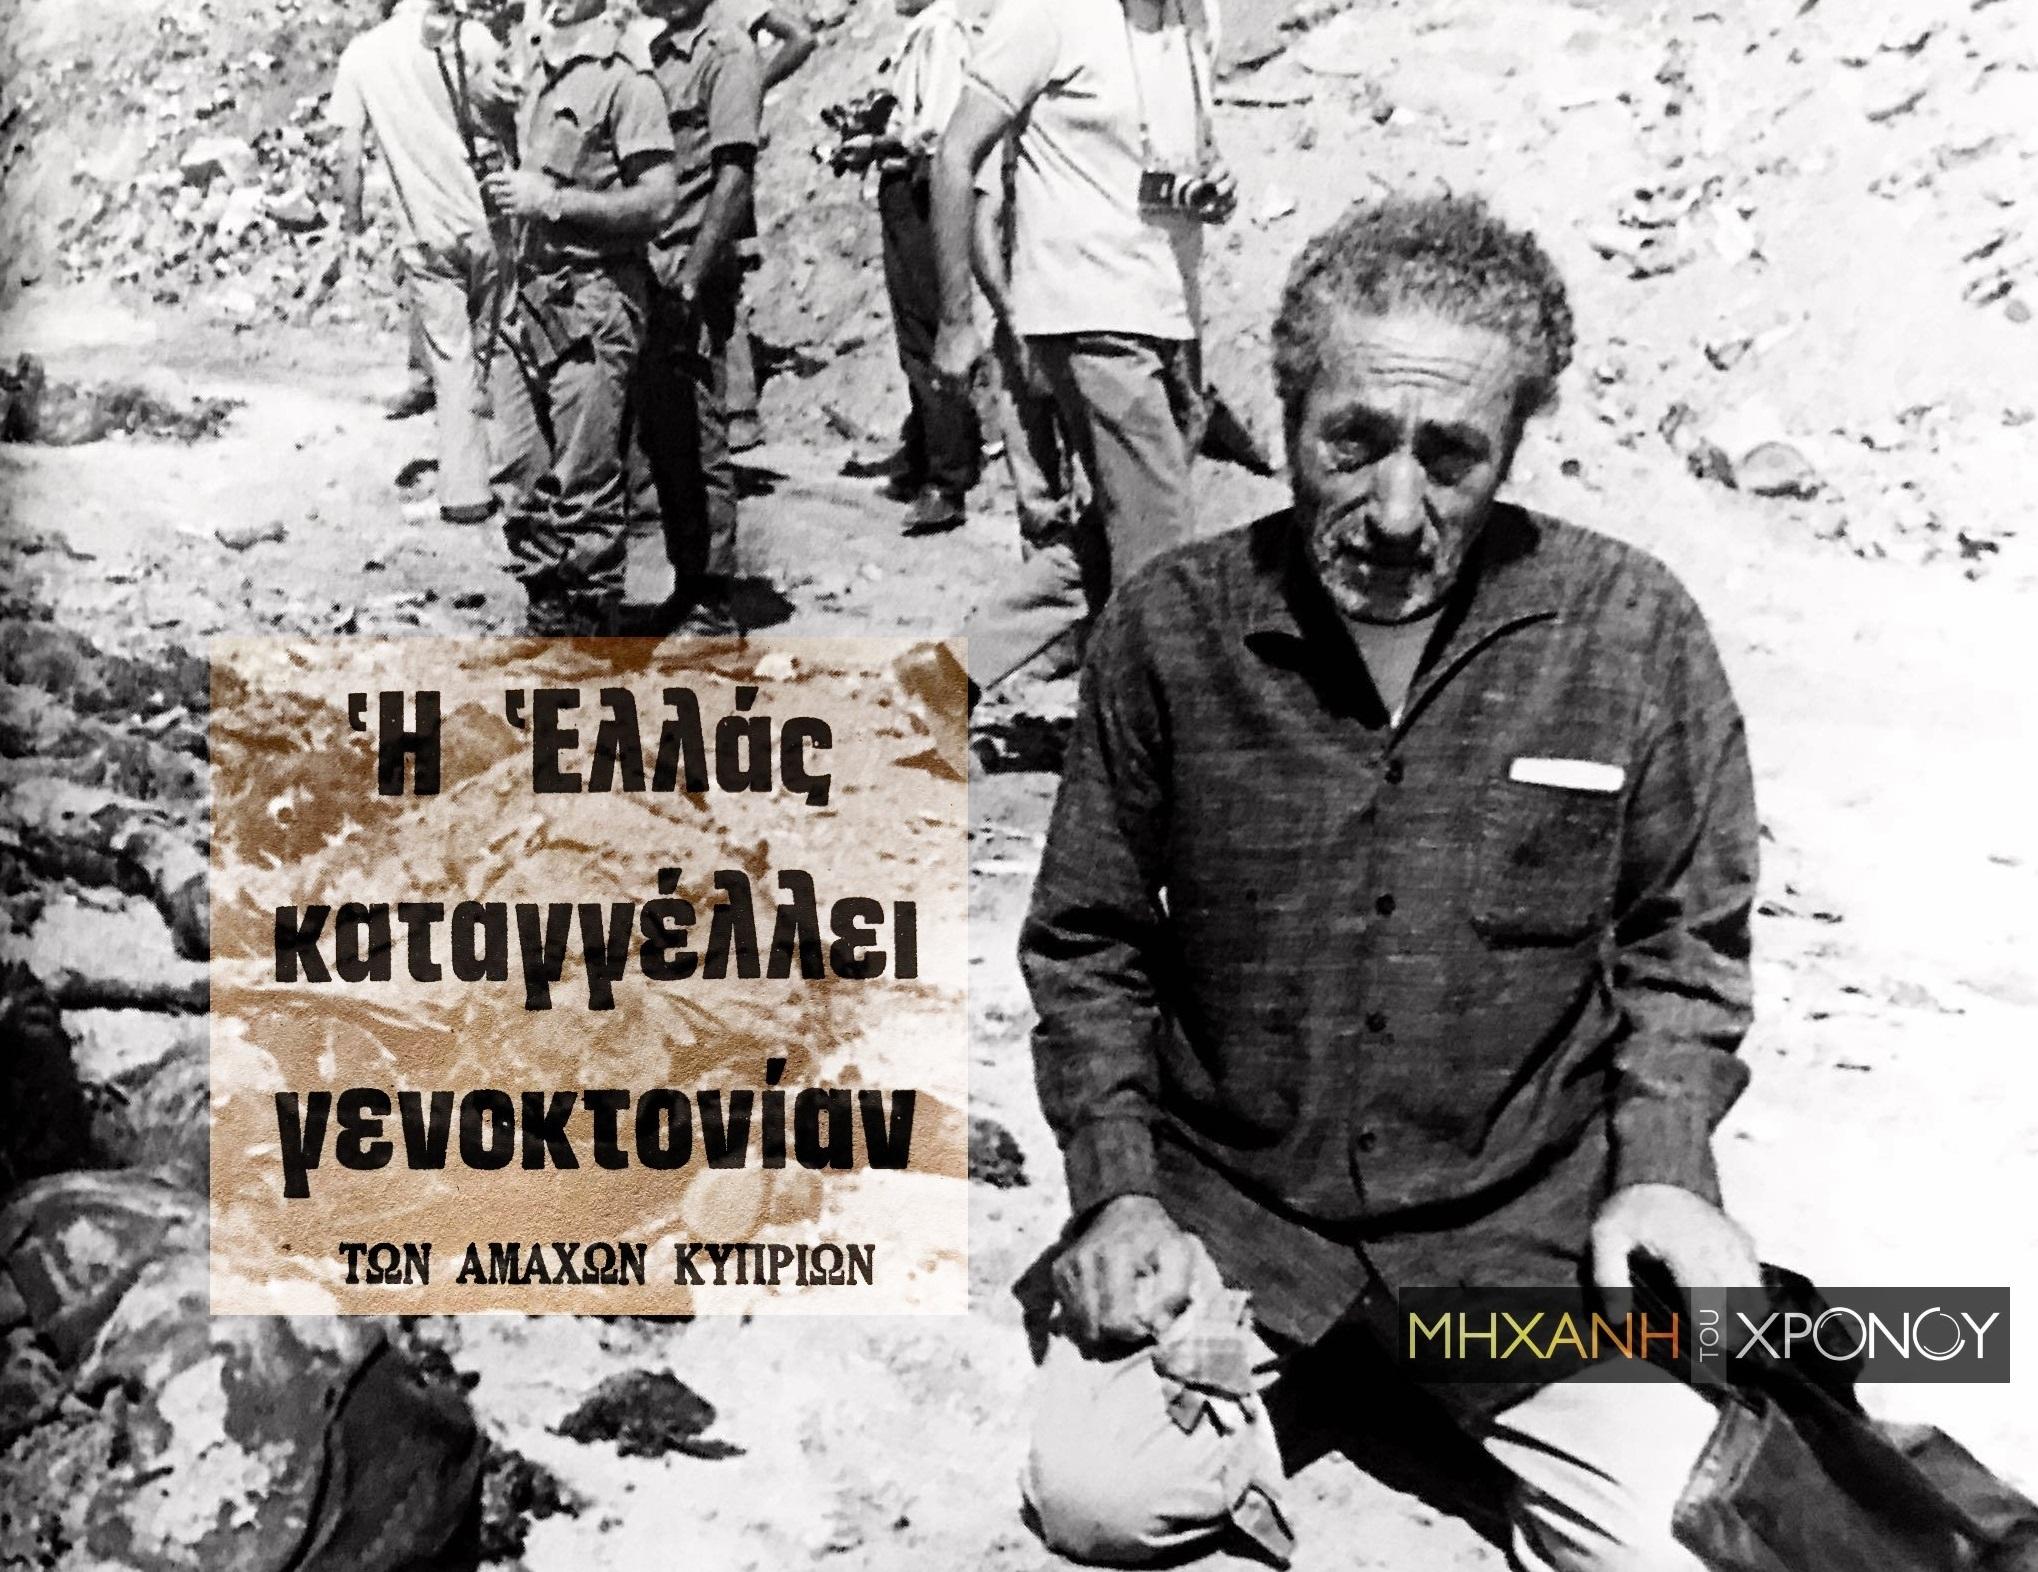 """""""Αττίλας"""". Πώς η χούντα Ιωαννίδη ανέτρεψε τον Μακάριο και άνοιξε τον δρόμο για την τουρκική εισβολή. Το ραδιόφωνο μετέδιδε ότι """"η κατάσταση έχει ηρεμήσει"""""""